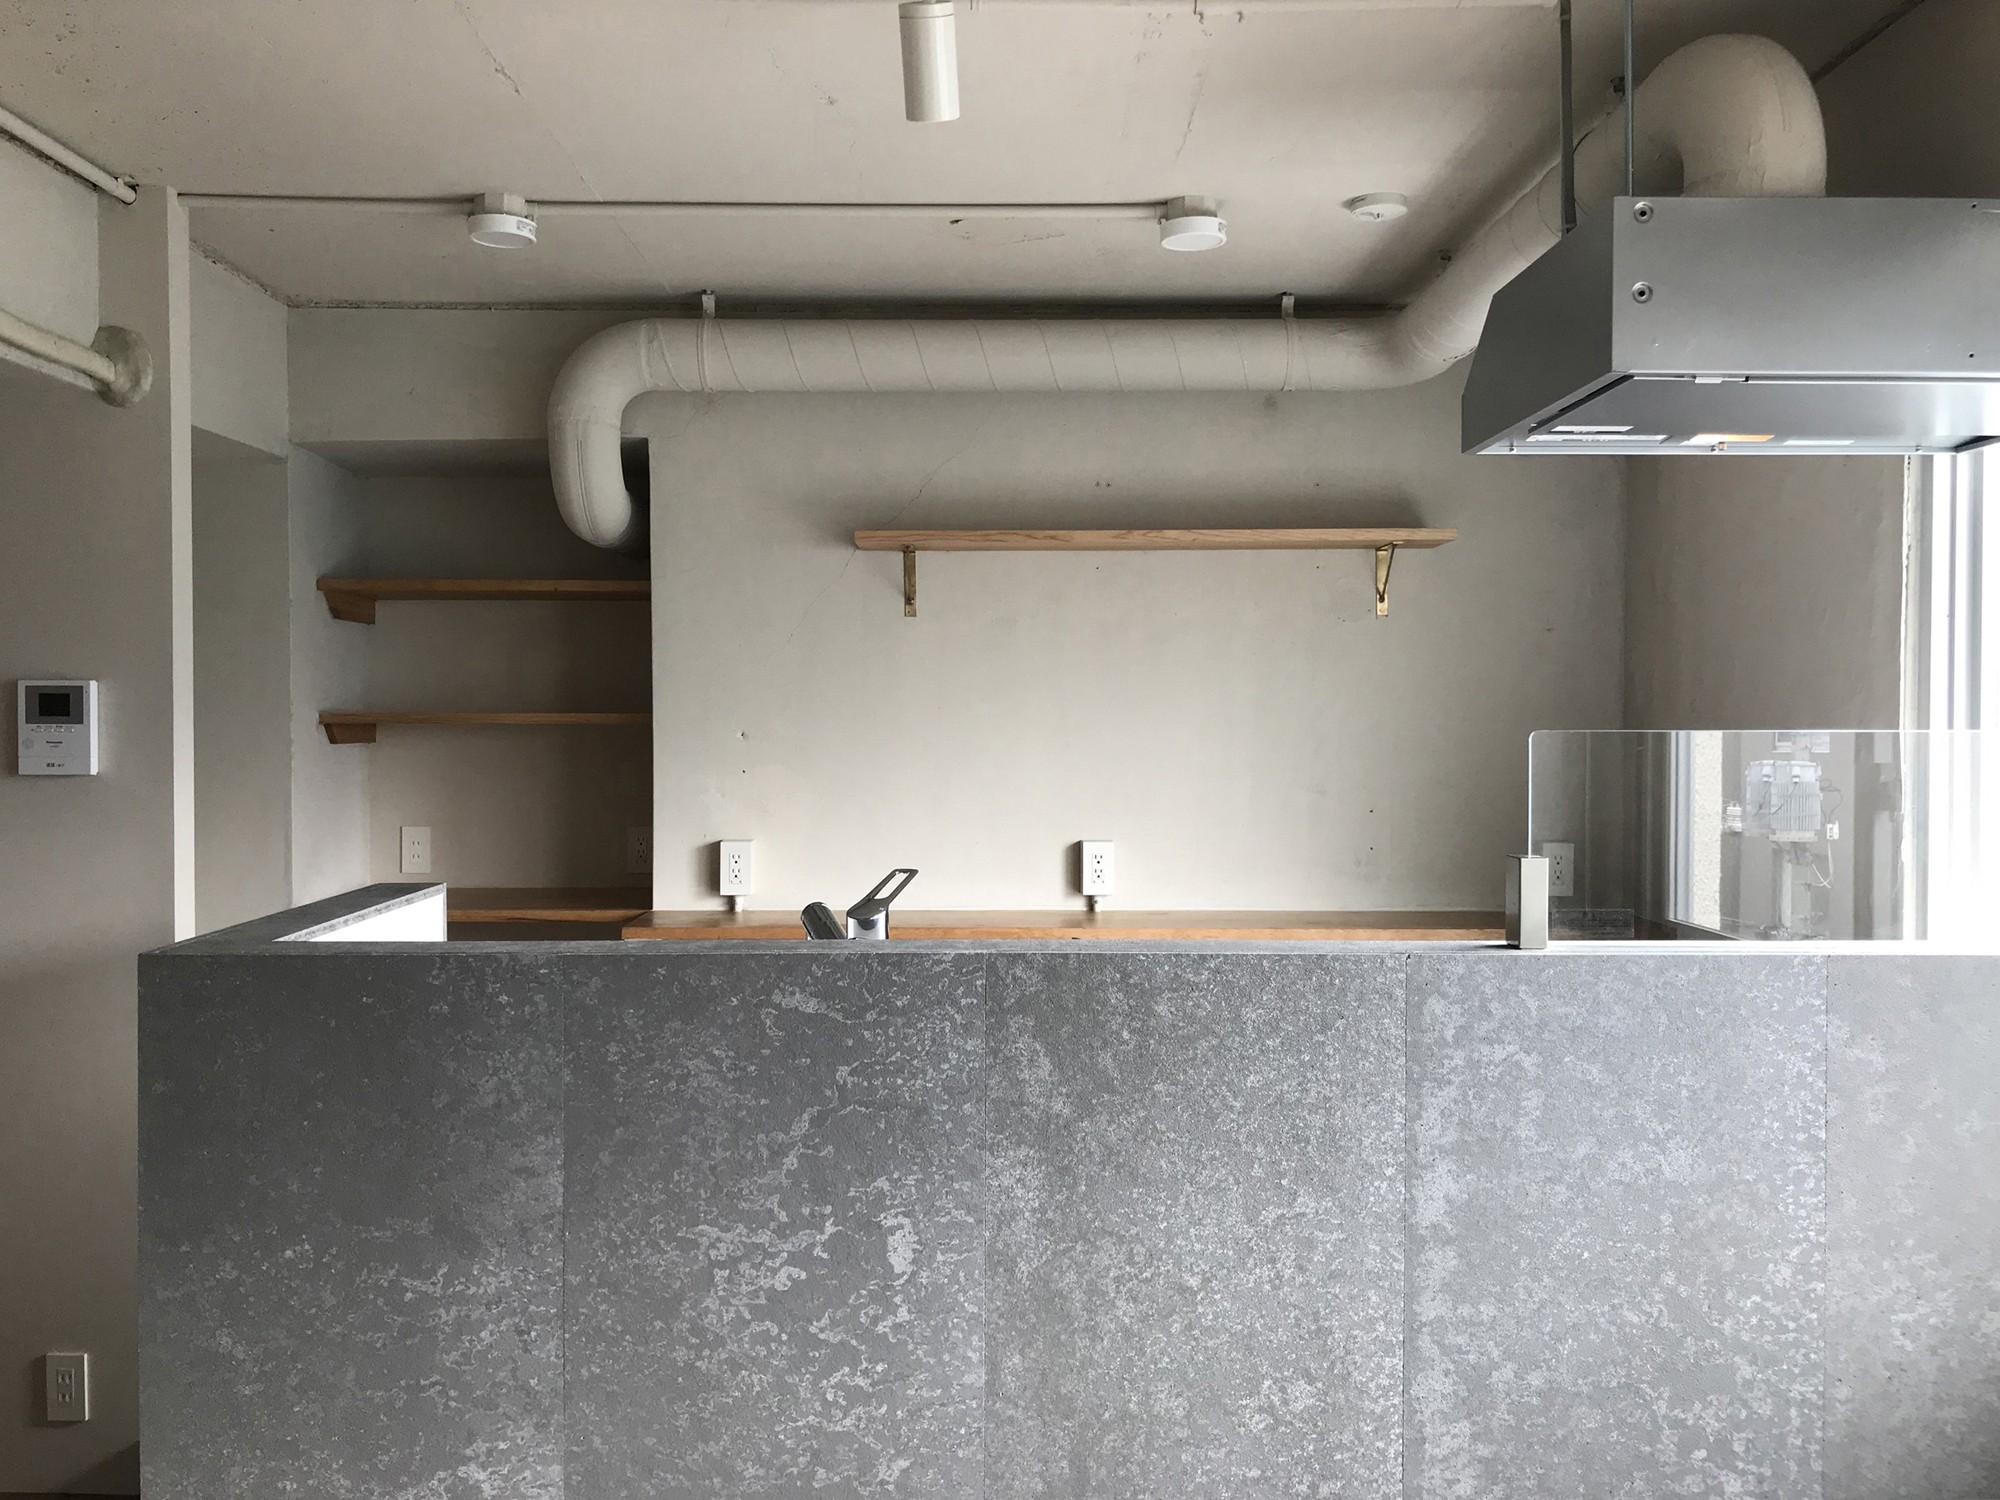 キッチン事例:キッチン(お気に入りを素敵に飾る空間)